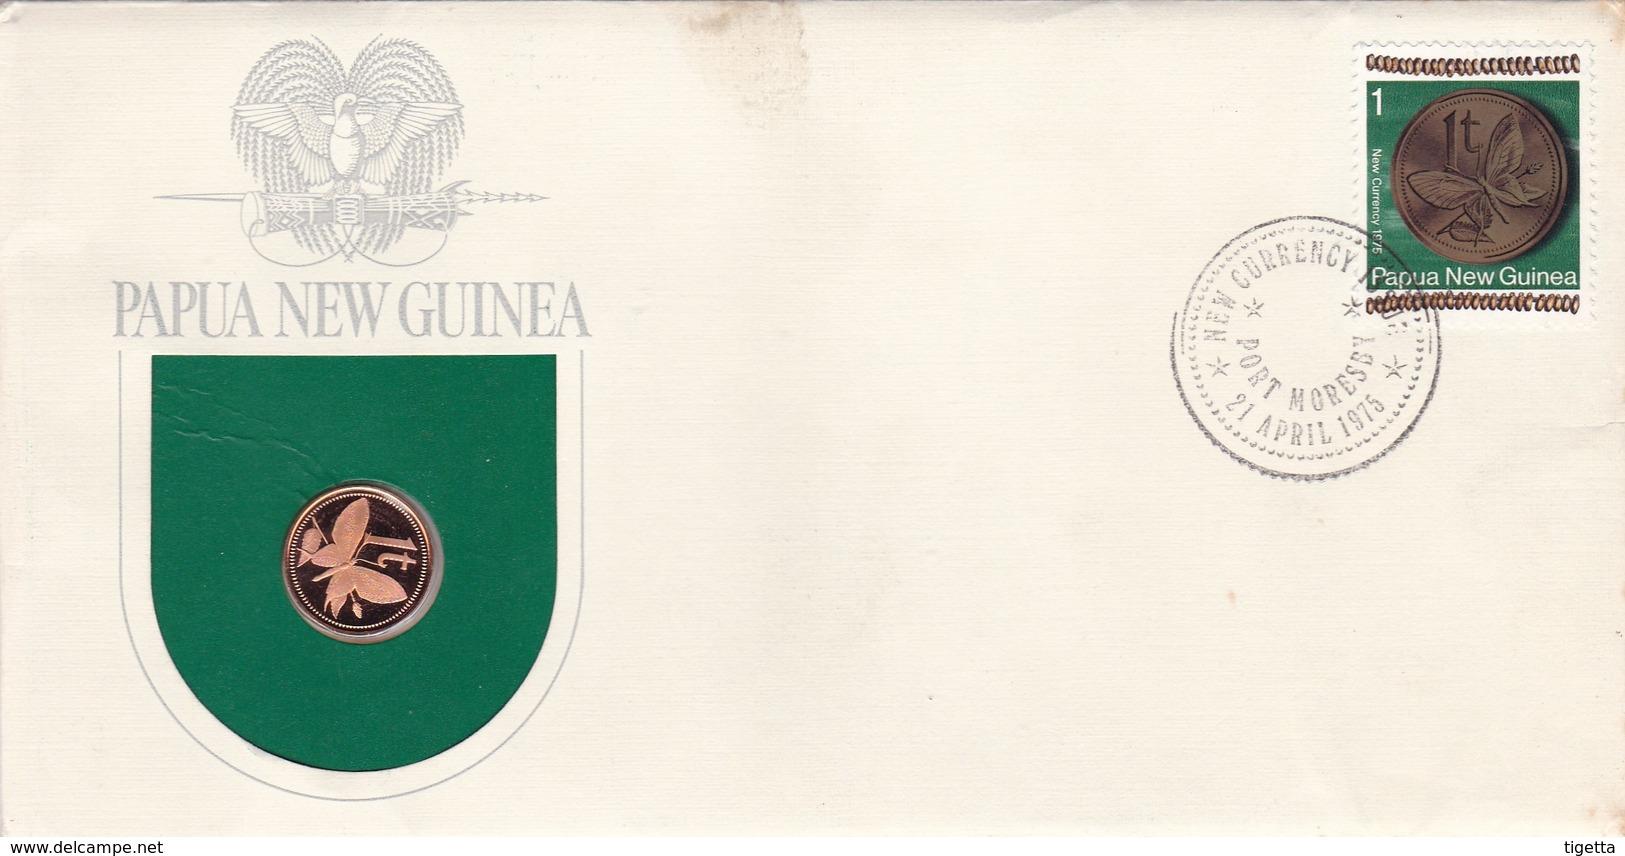 PAPUA NEW GUINEA SERIE MONETE CON ANNULLO PAPUA NUOVA GUINEA ANNO 1975 - Papouasie-Nouvelle-Guinée